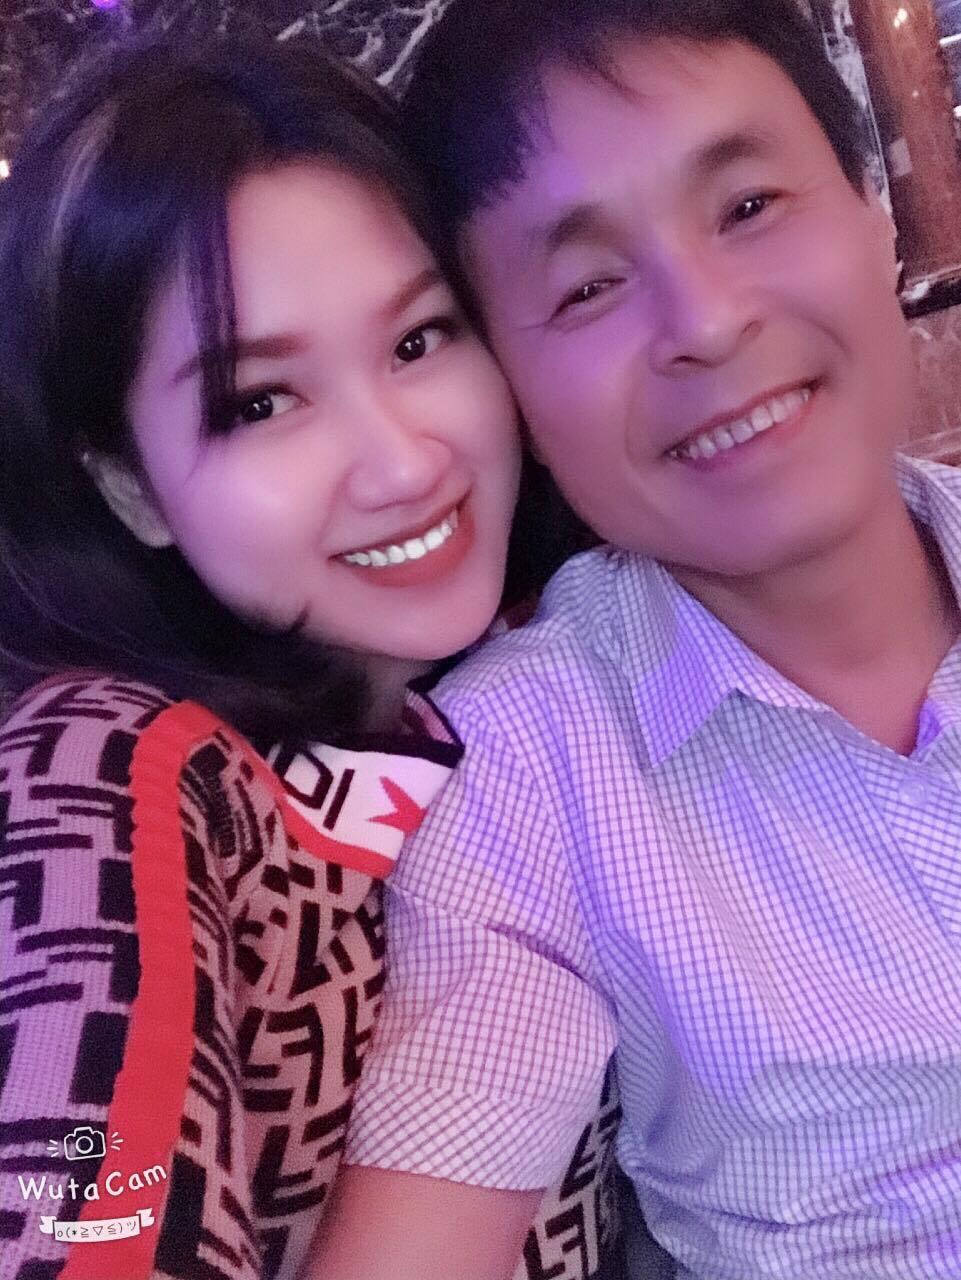 Chuyện tình ngọt ngào của ông chủ quán karaoke và vợ kém 30 tuổi - Ảnh 1